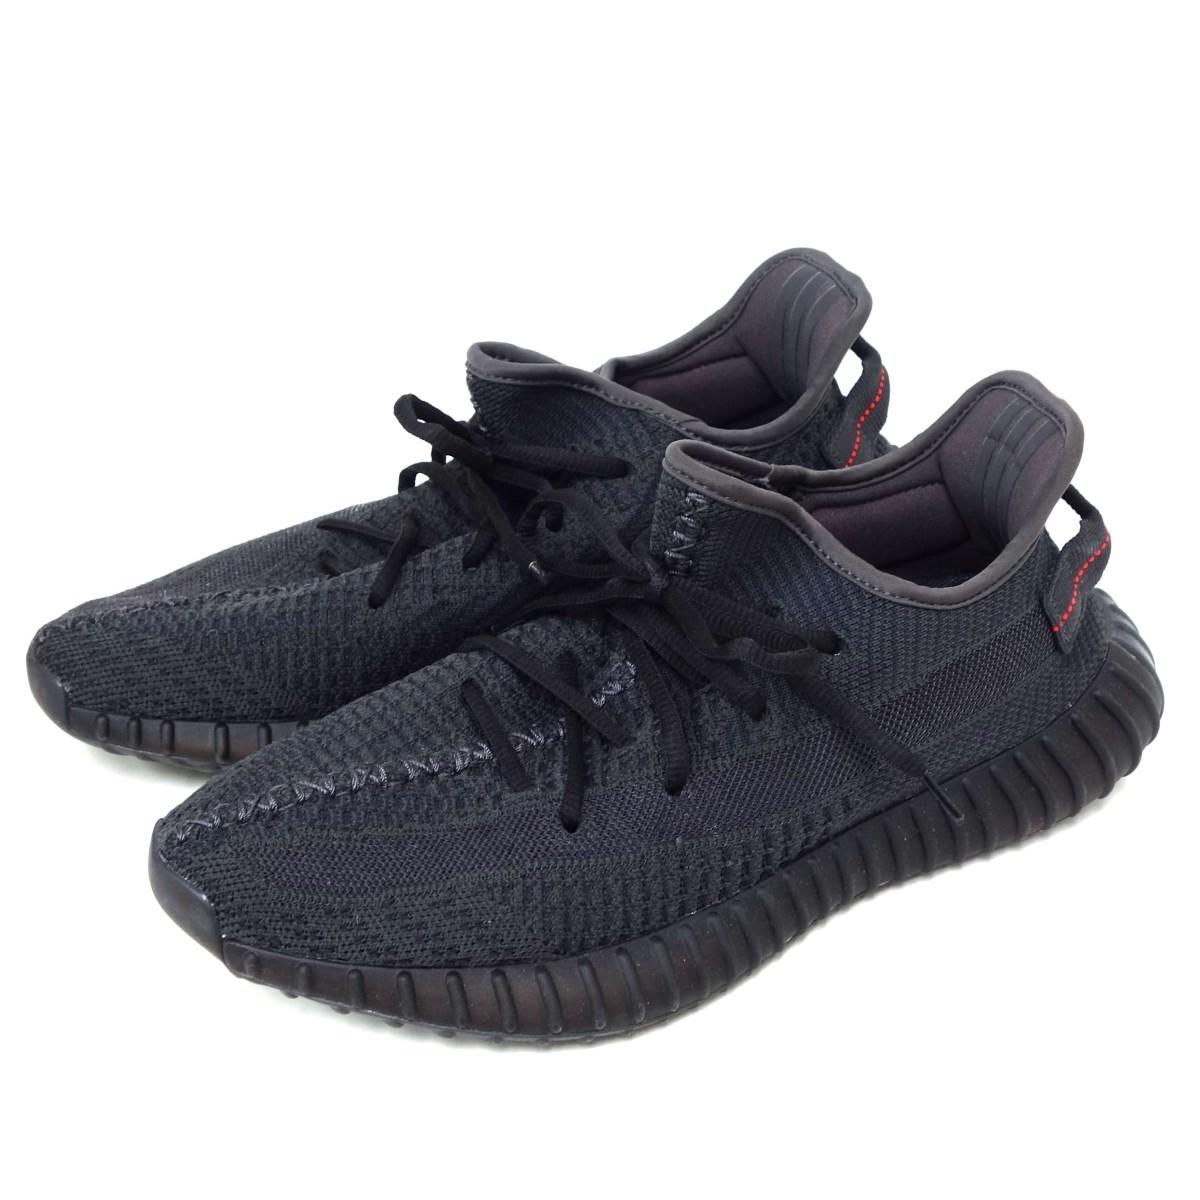 アディダスオリジナルス バイ カニエウエスト 中古 adidas originals 割引も実施中 by Kanye 毎日激安特売で 営業中です WestFU9006 BOOST ブラック サイズ:27.5cm 5月31日見直し YEEZY 350 V2 スニーカー